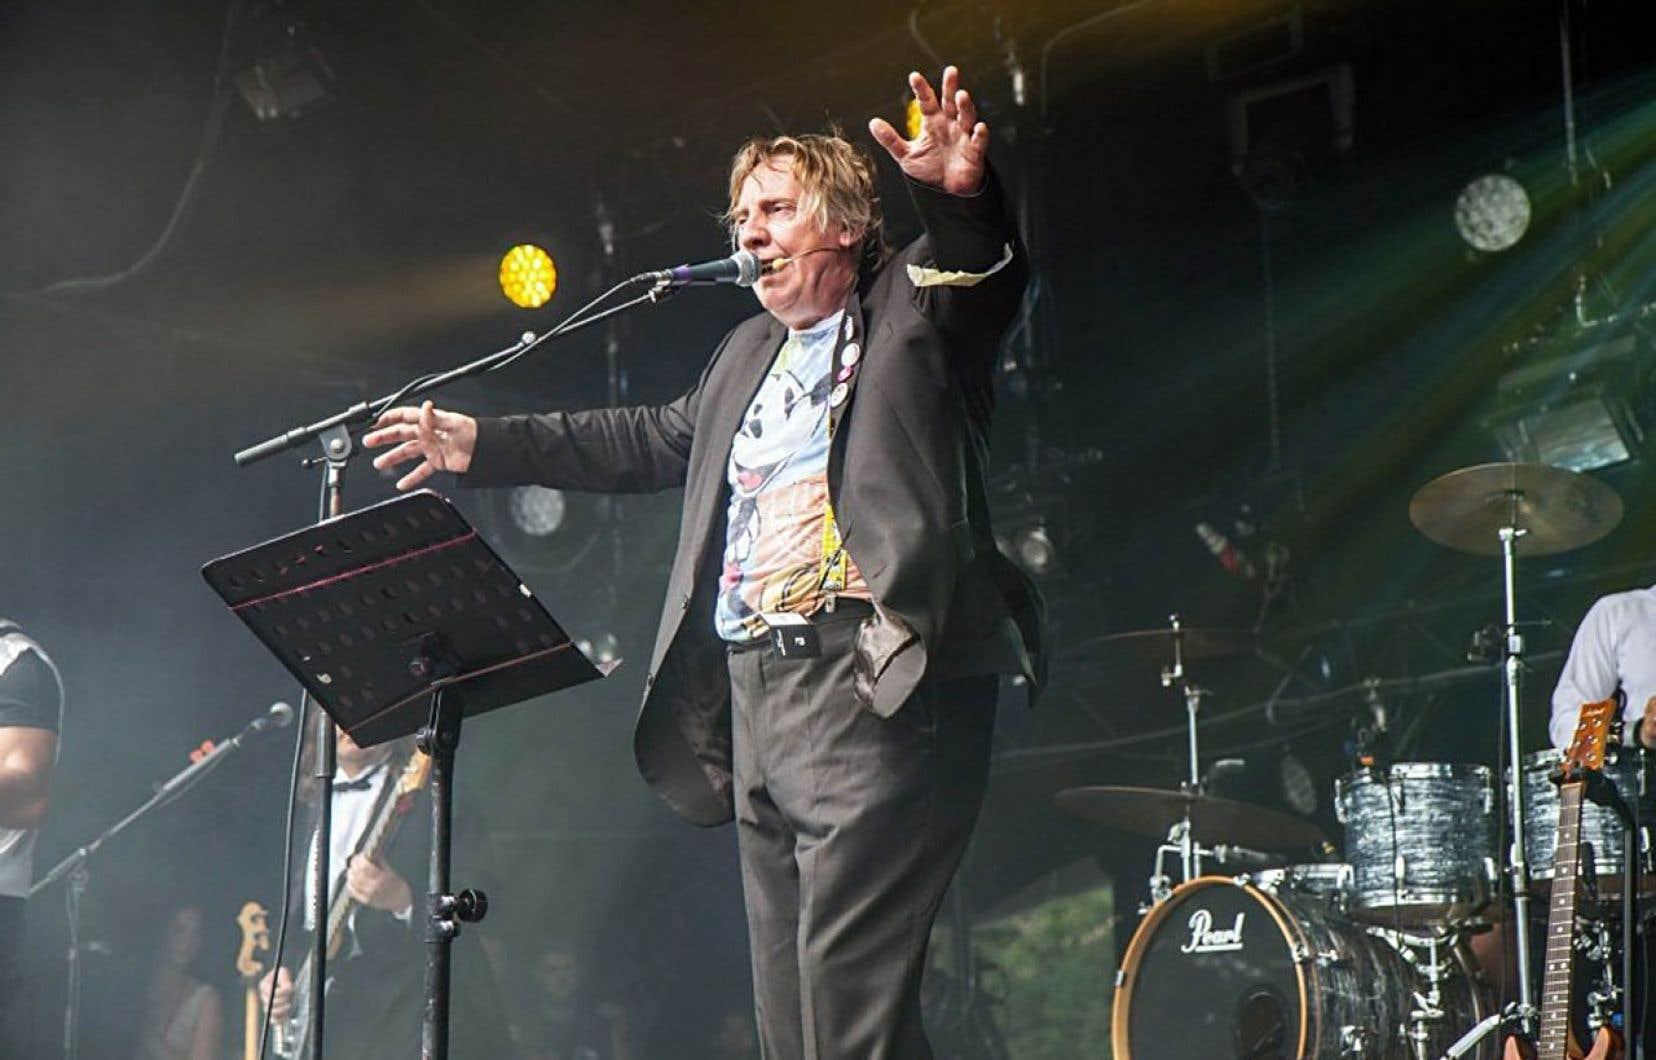 Le chanteur belge Jean-Luc Fonck, du groupe Sttellla, en concert samedi sur la grande scène des 21es Francofolies de Spa